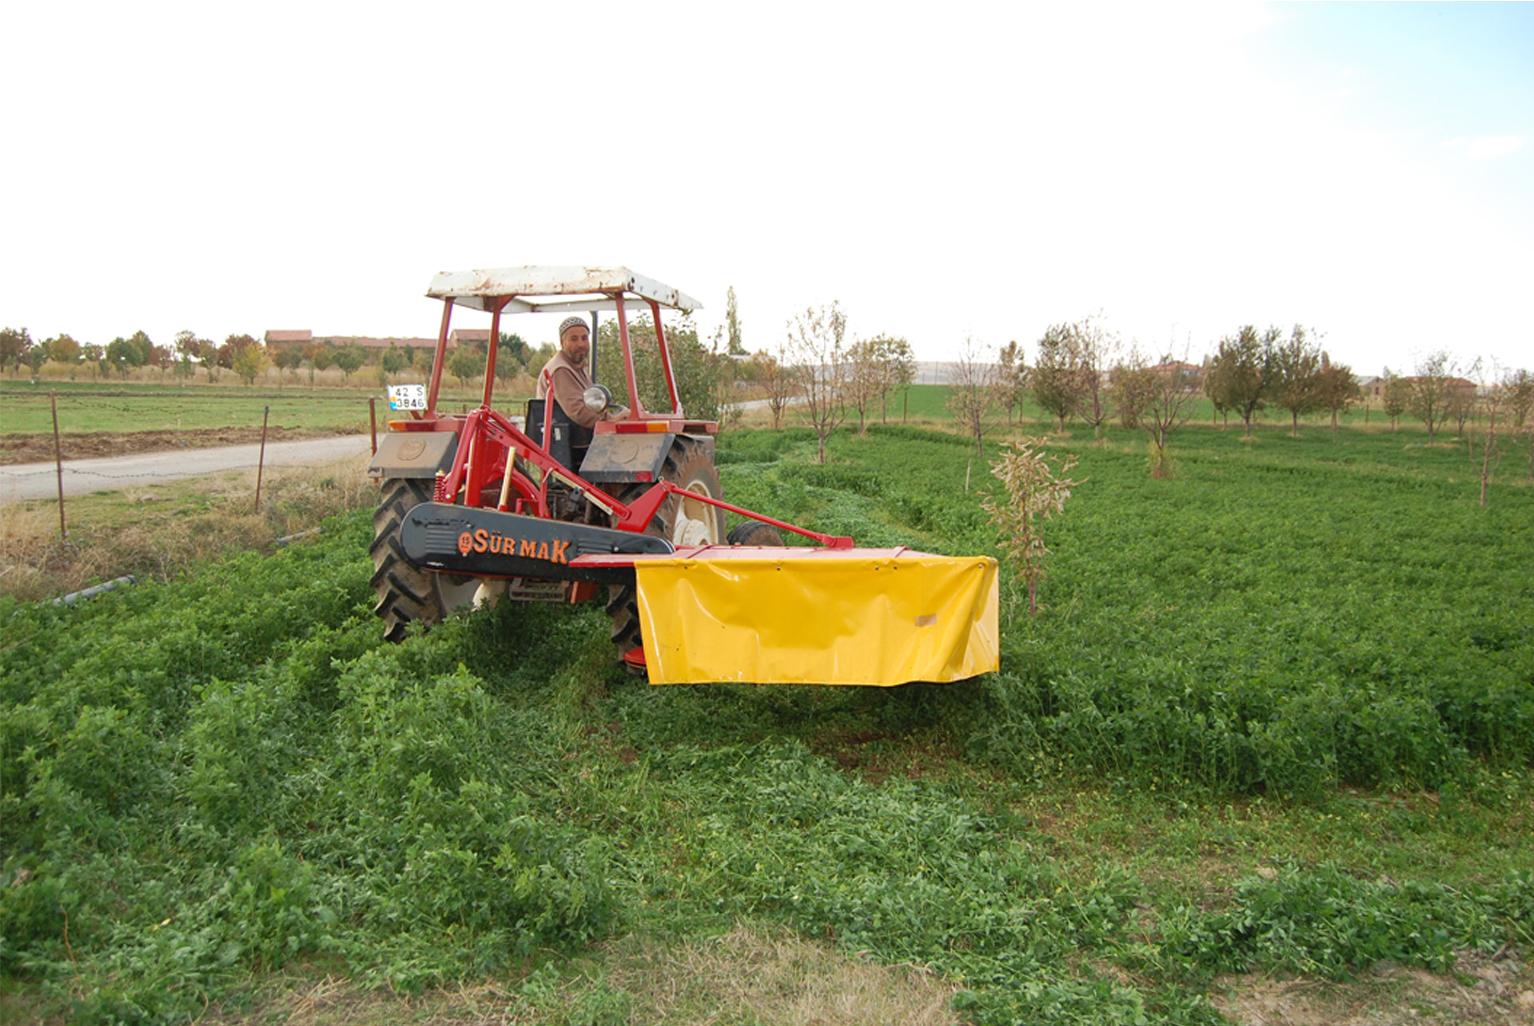    Sürmak Tarım Makinaları